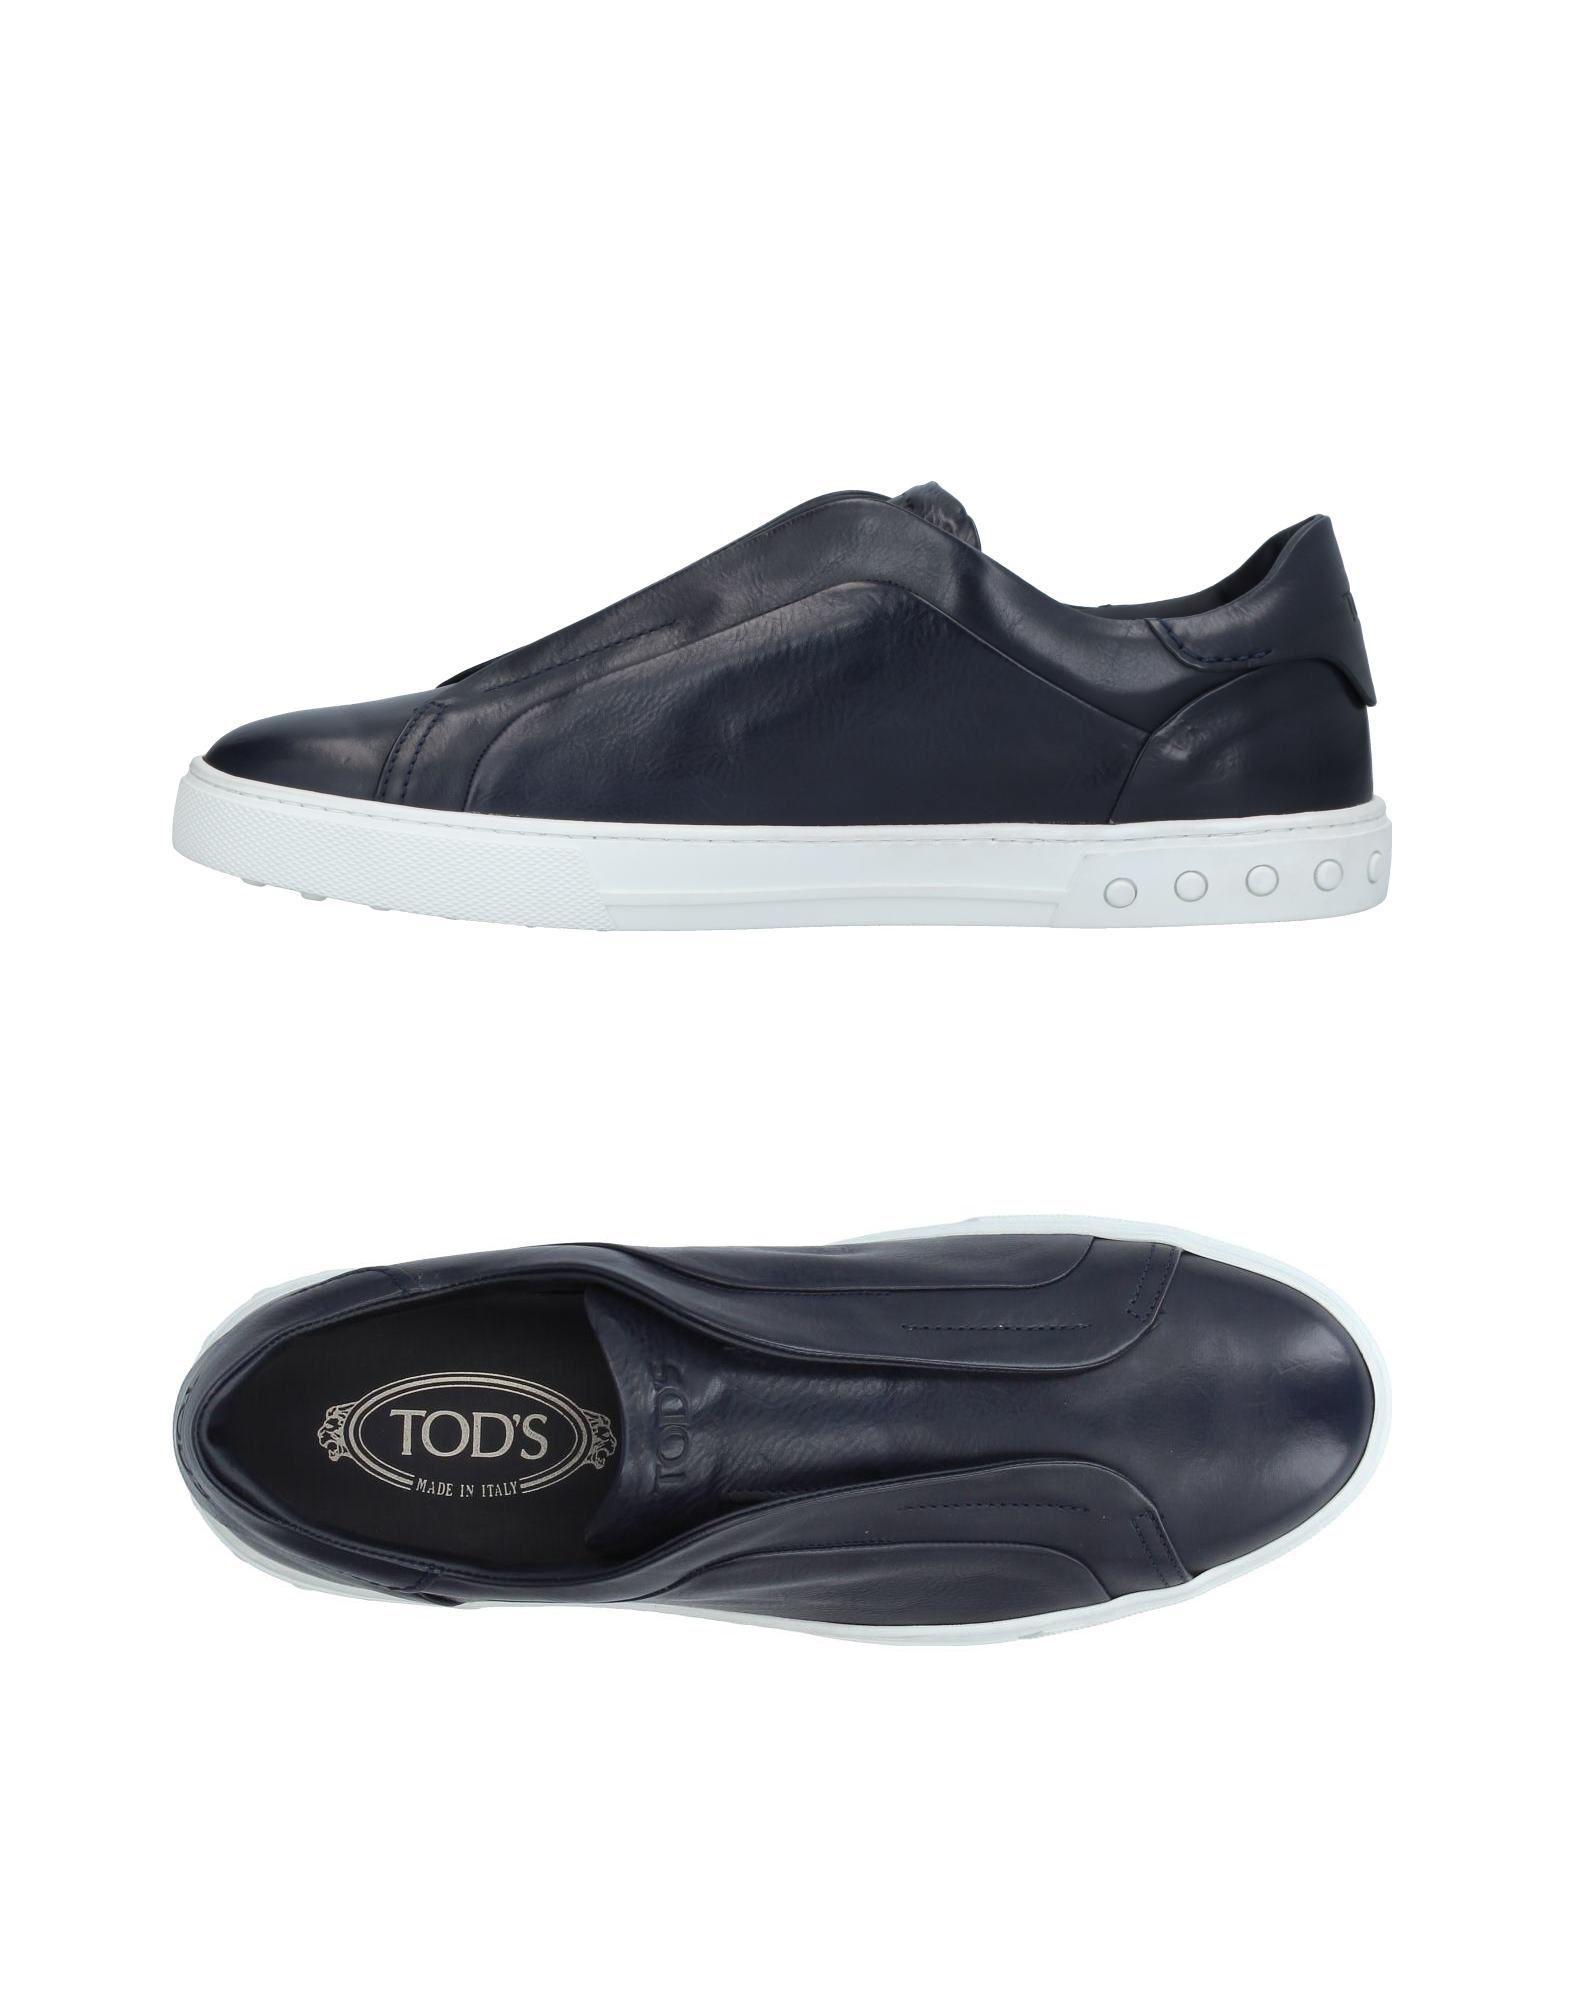 Tod's Sneakers Herren  11397912CE Gute Qualität beliebte Schuhe